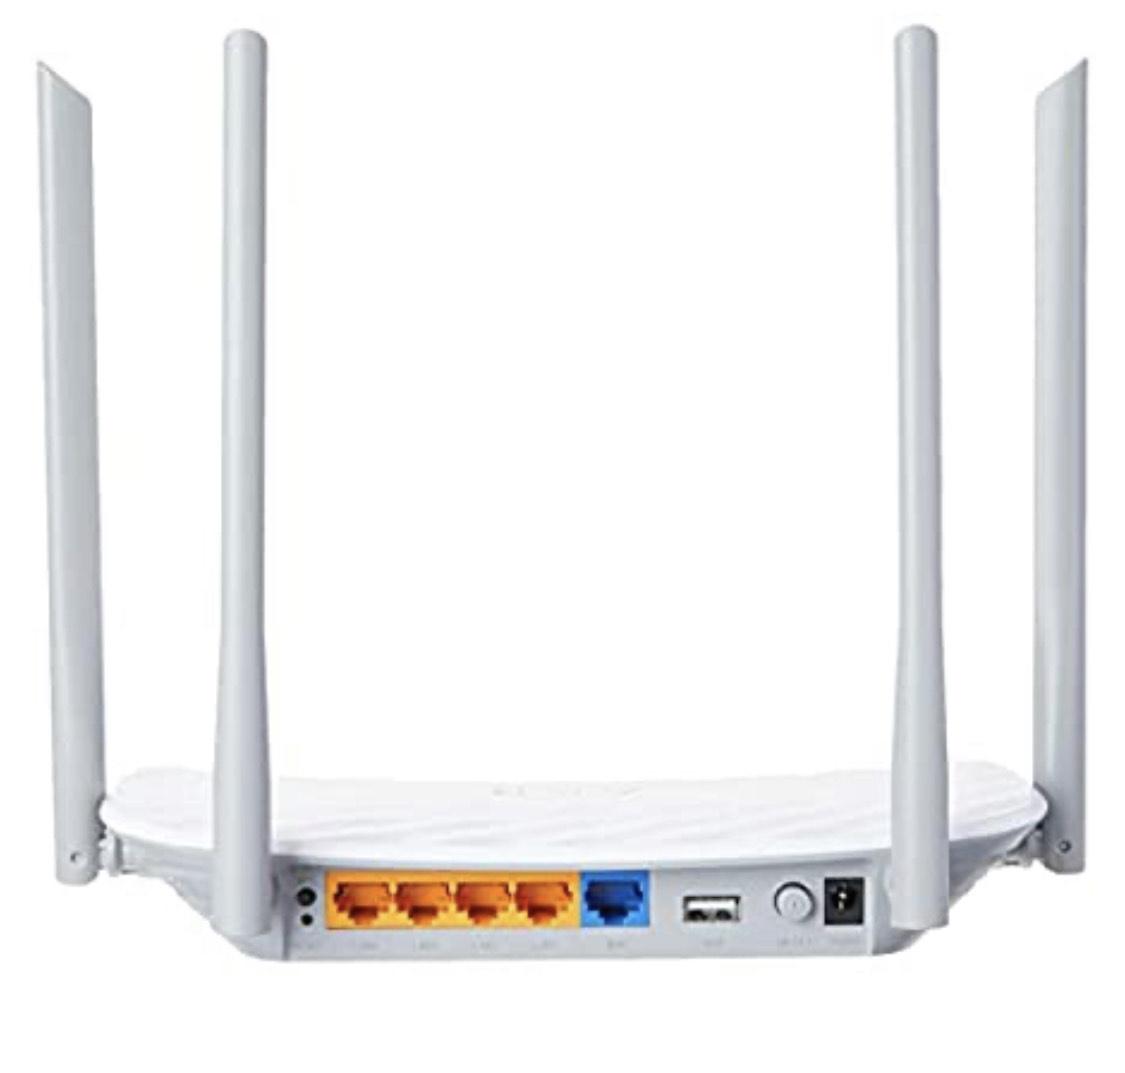 TP-Link Archer C5 AC1200 Dual Band Gigabit WiFi Router @ Amazon.nl